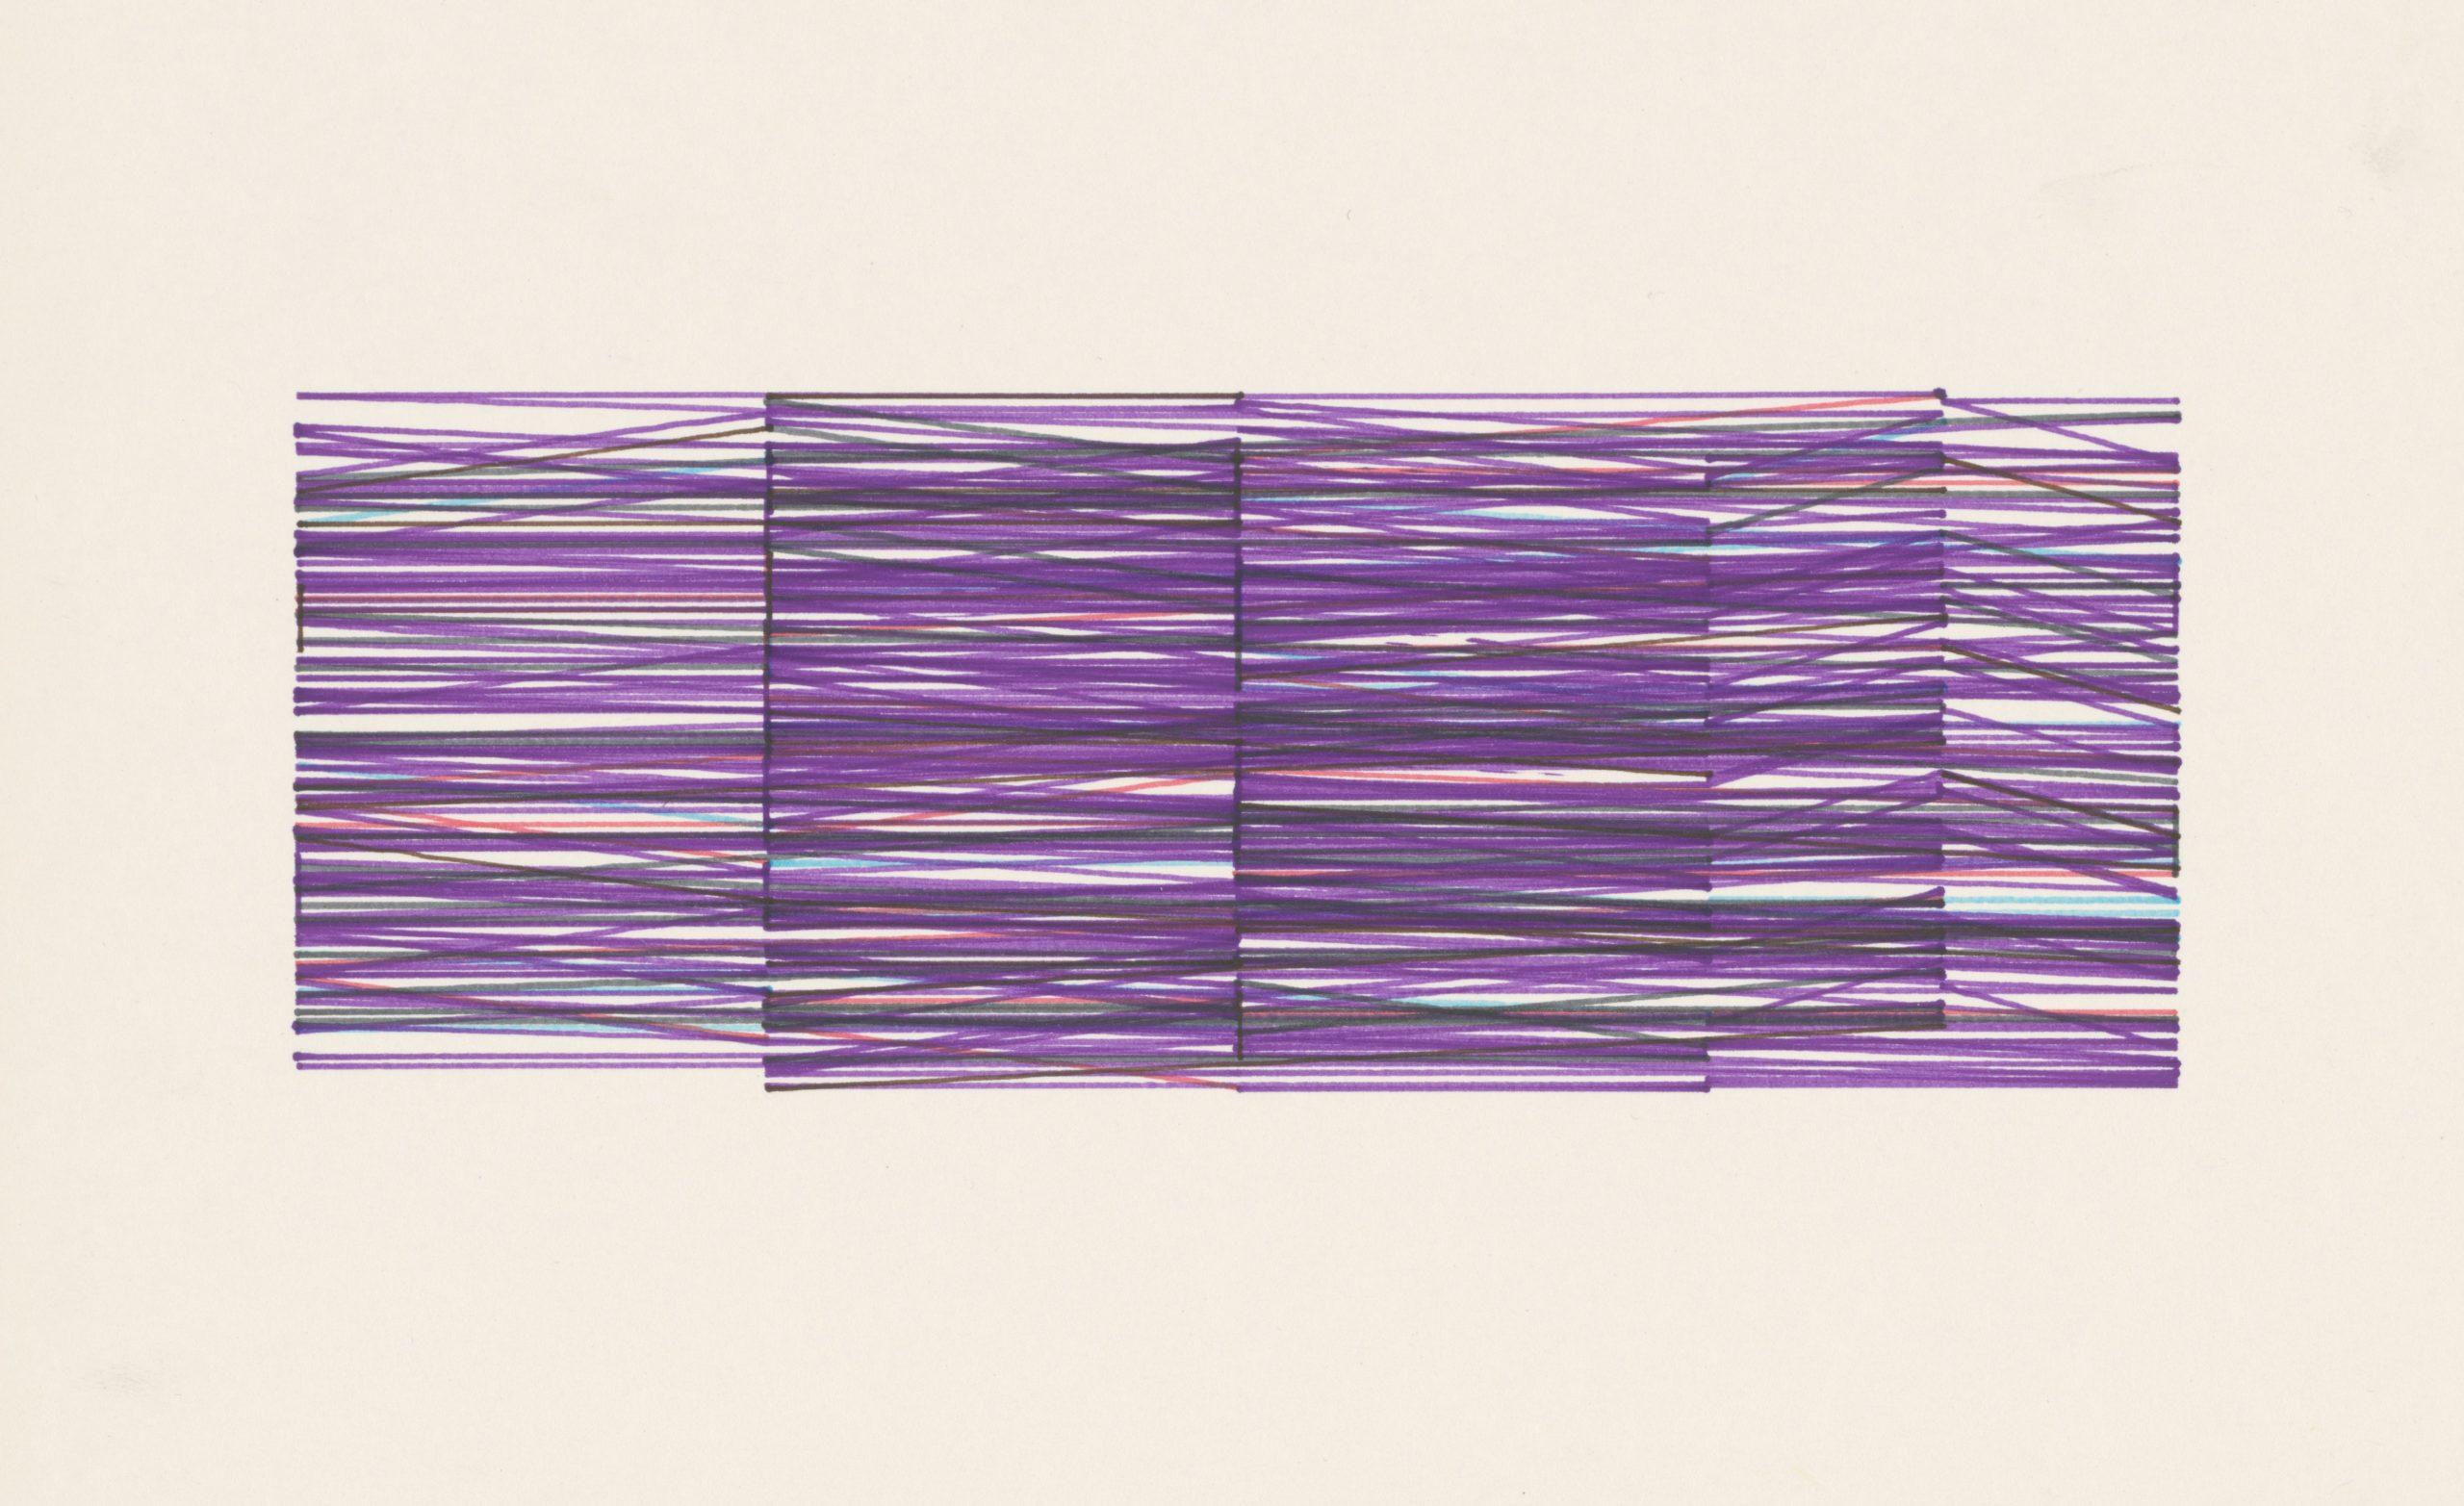 Vera Molnar, ABlottins, Plotterzeichnung, Tinte auf Papier, 8 x 26 cm, Preis: 7 000 Euro